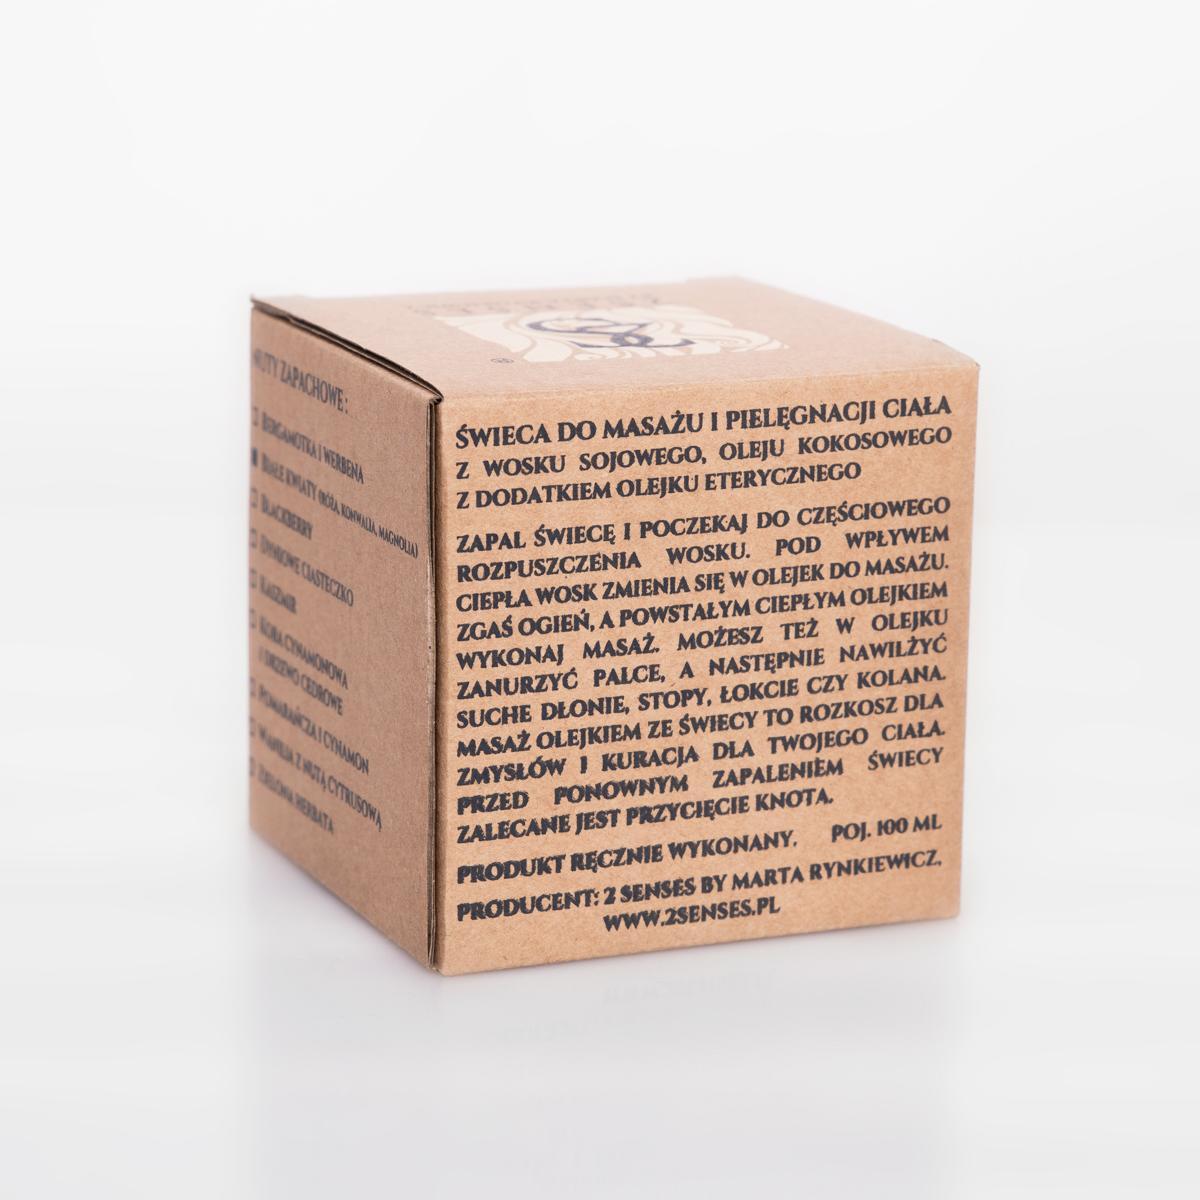 Zmysłowe świece do masażu i pielęgnacji suchej i wrażliwej skóry marki 2 Senses by Marta Rynkiewicz to innowacyjna kuracja SPA dla całego ciała. Świece 2 Senses są nie tylko piękne i zniewalająco pachną, ale kryją w sobie także szereg dobroczynnych właściwości. Zostały wykonane ręcznie z naturalnych składników, takich jak wysokiej jakości wosk sojowy, olej kokosowy i starannie wyselekcjonowane olejki eteryczne, które błyskawicznie wchłaniają się, odżywiając i nawilżając skórę. Dostępne zapachy: - Argan - Sandalwoods & tobacco - Pomarańcza i cynamon - Bambusowy Las - Bergamotka i werbena - Wanilia z nutą cytrusową i akcentem kwiatowym - Dyniowe ciasteczko - Kora cynamonowa i drzewo cedrowe - Blackberry (jeżyna) - Dla Niego Zalety: -wosk sojowy jest naturalny -bezpieczny dla środowiska -w trakcie spalania wytwarza znikomą ilość dwutlenku węgla (ok. 90% mniej od świec parafinowych), gwarantują czyste spalanie. Wosk sojowy jest nietoksyczny; bez benzyny, węgla, sadzy, które mogą oczern